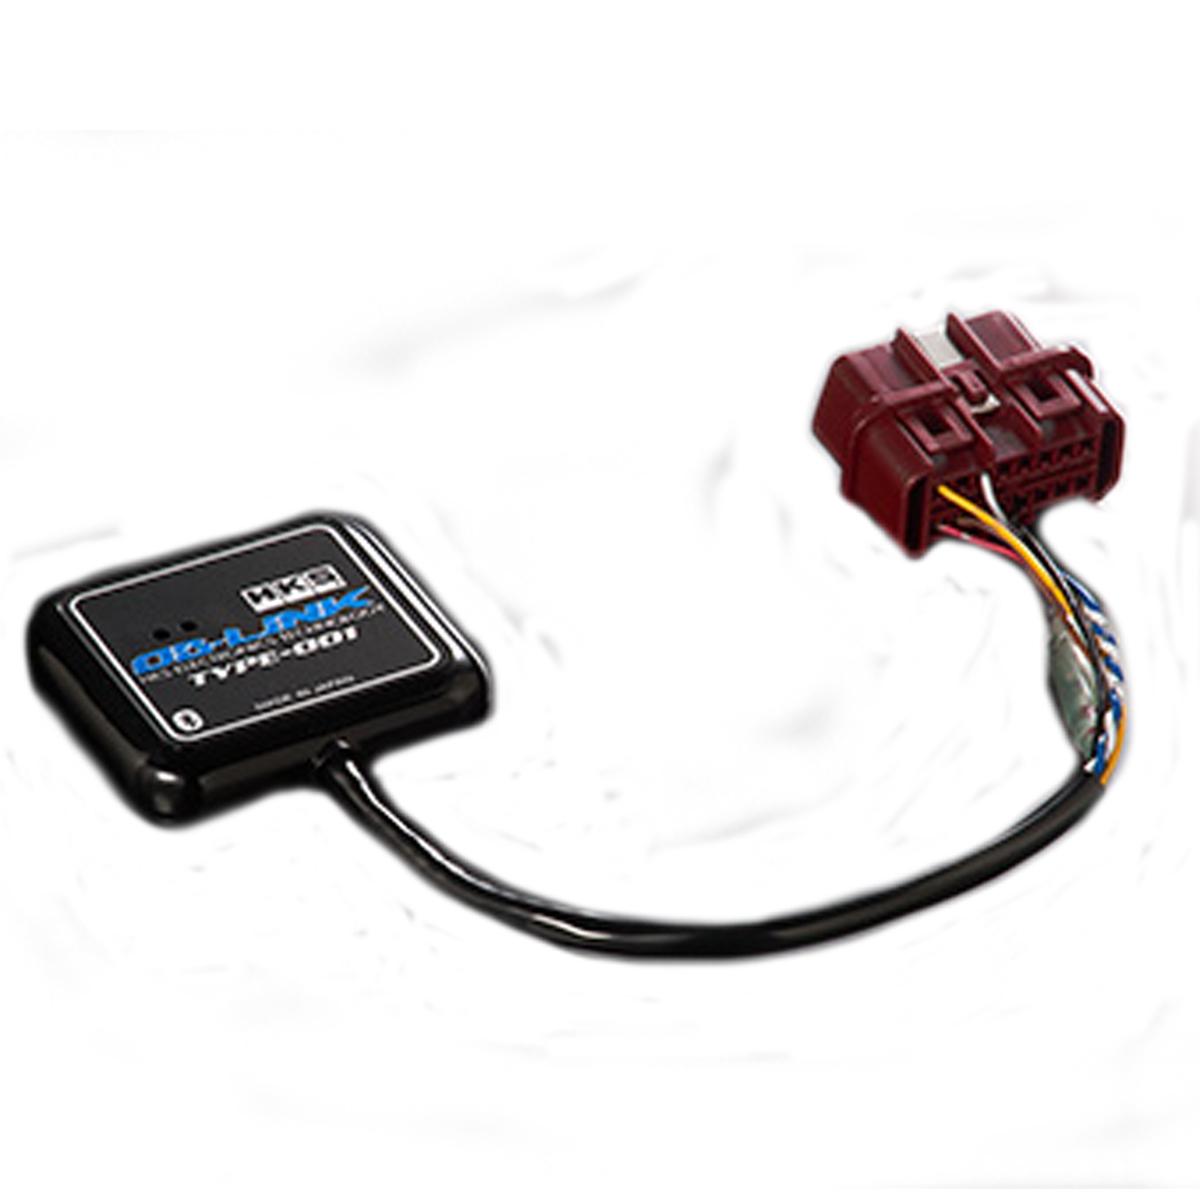 ランクル プラド ランドクルーザ ープラド モニター OBリンク タイプ 001 VZJ121W HKS 44009-AK002 エレクトリニクス